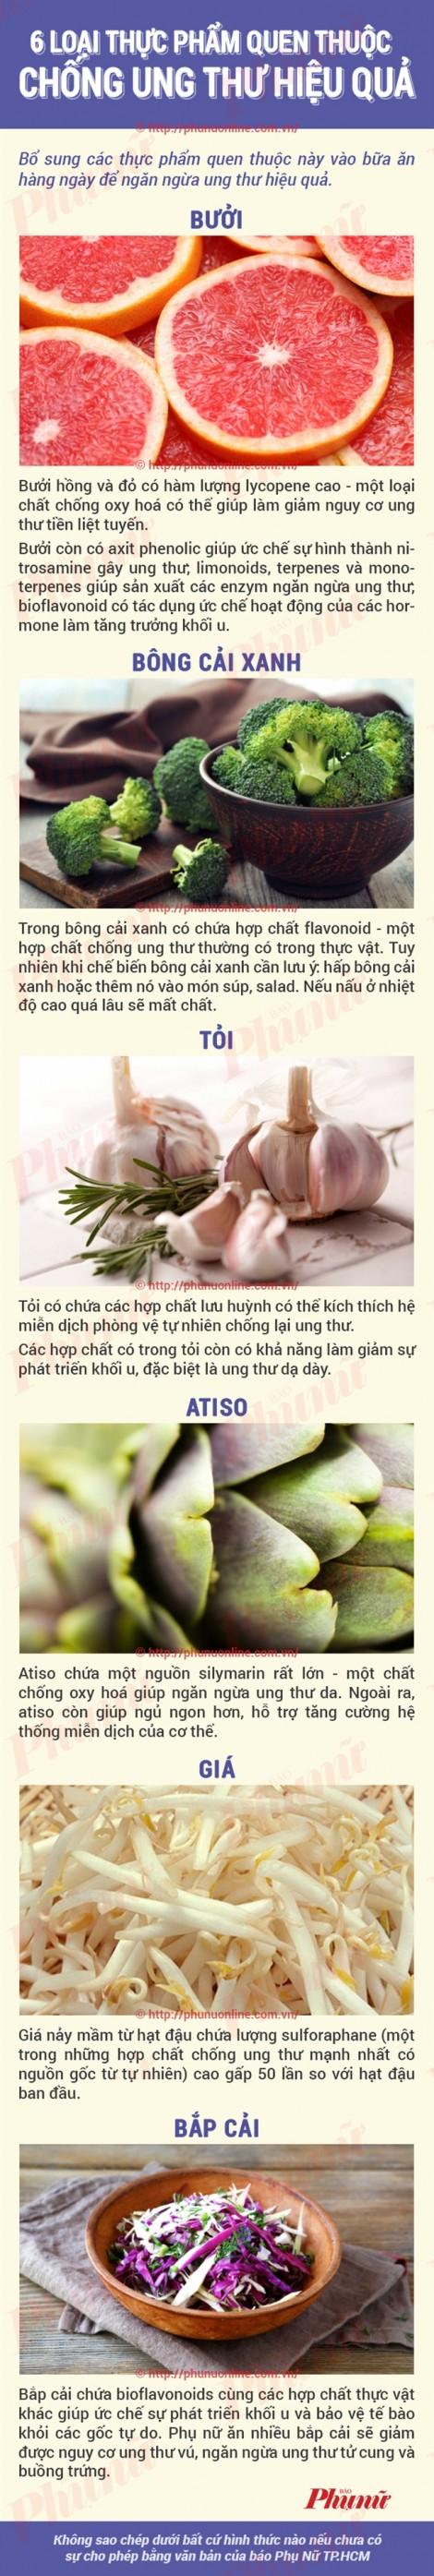 Những loại thức ăn ngừa ung thư rất dễ kiếm tại Việt Nam